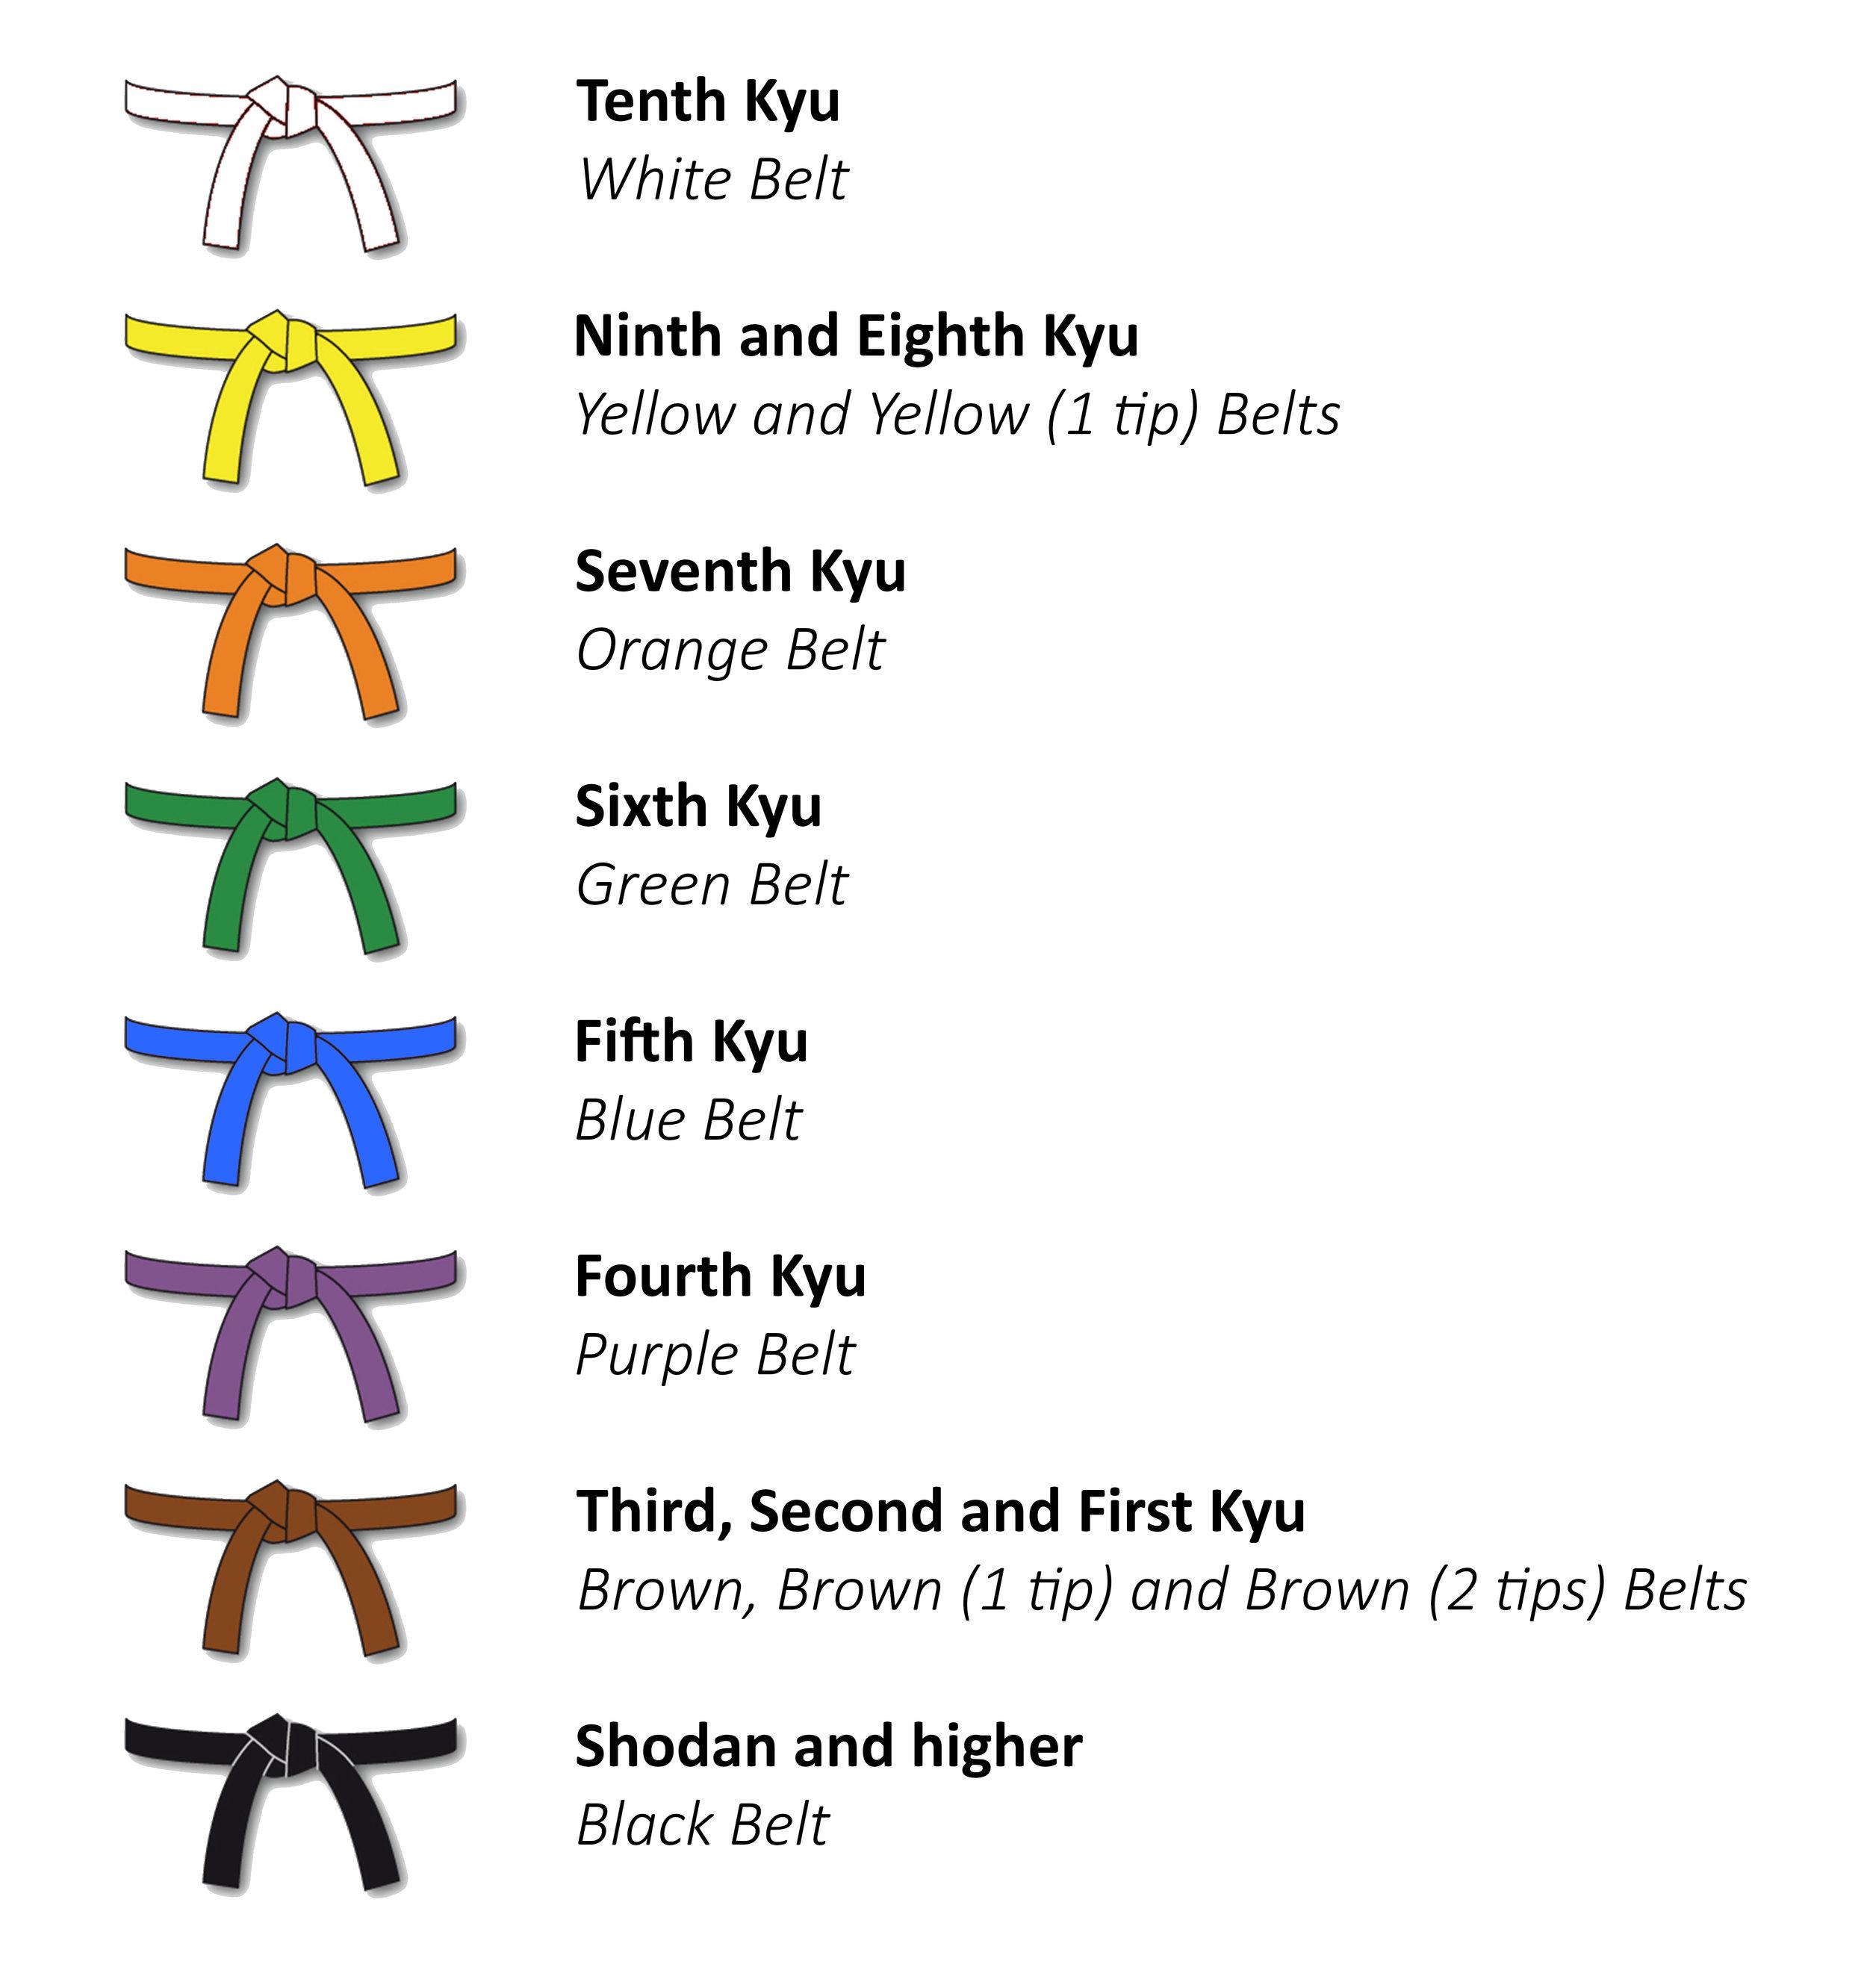 STKA's Belt System